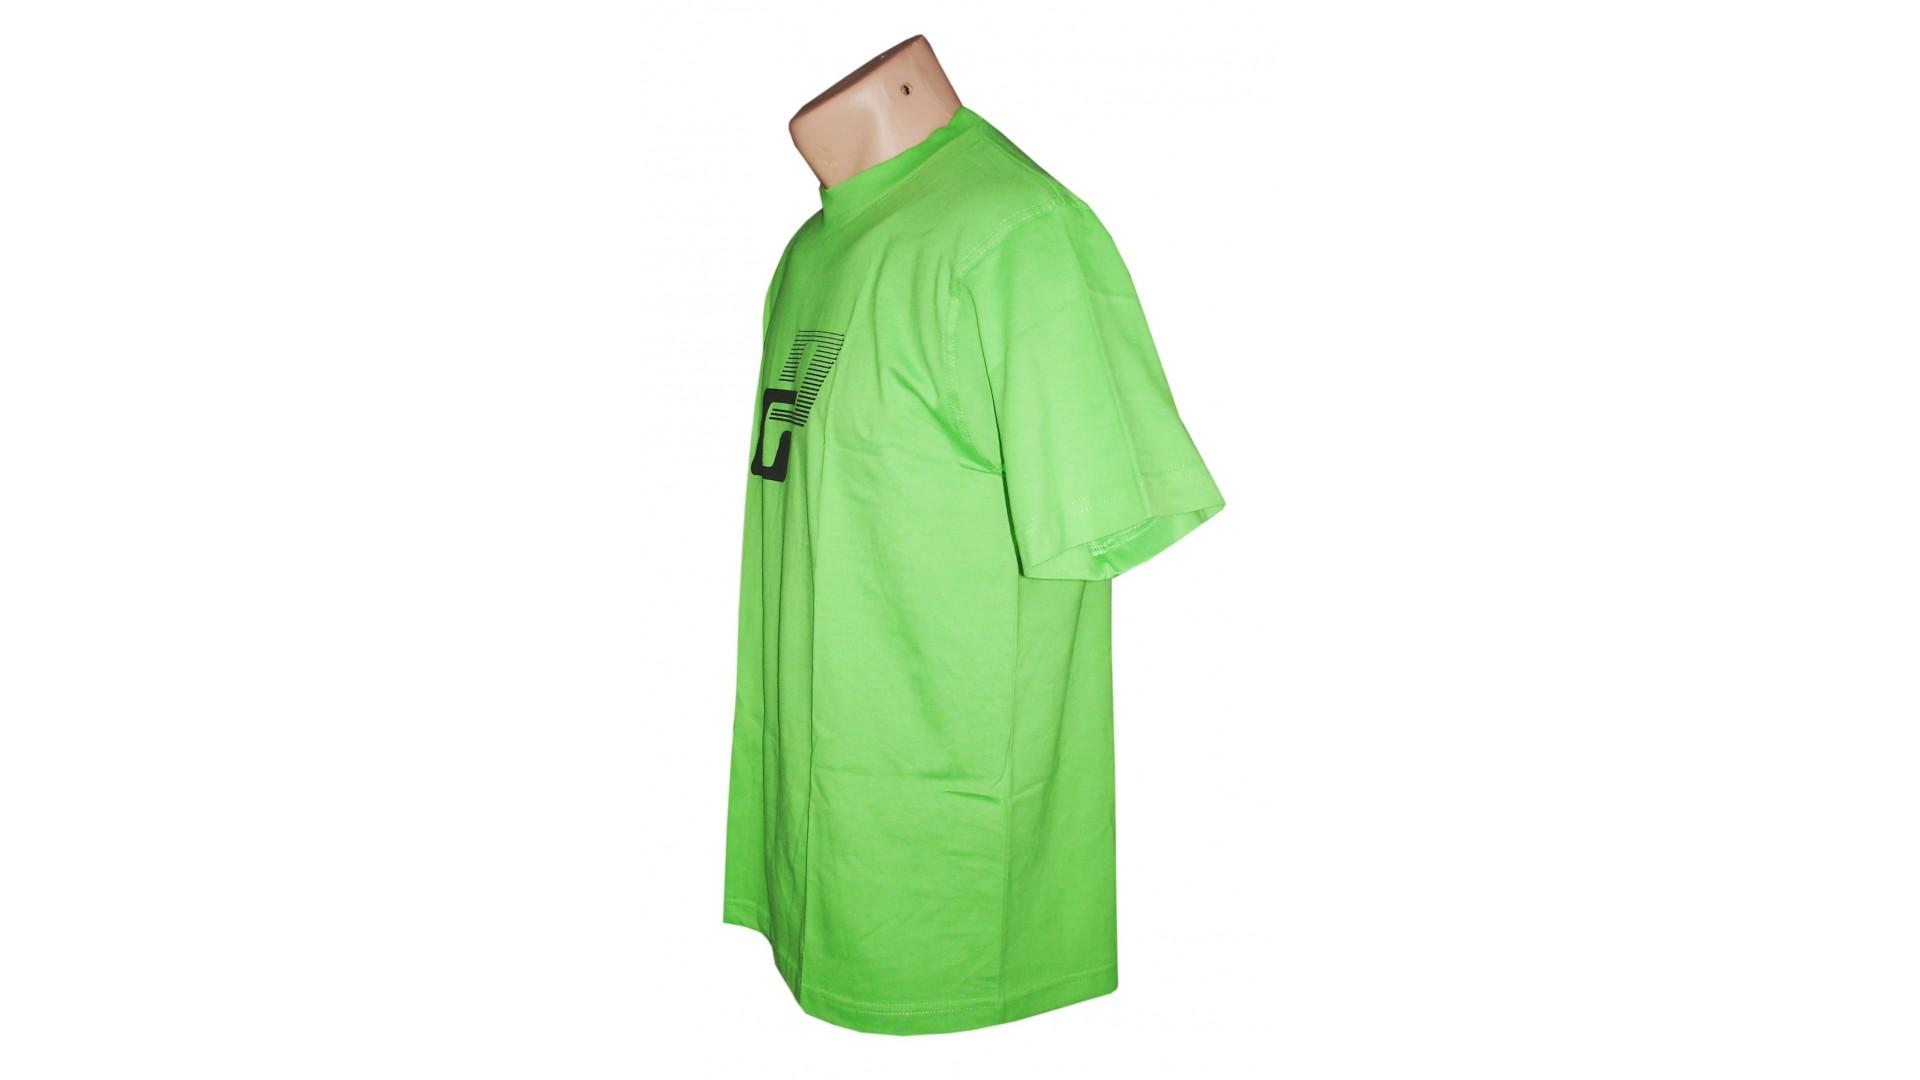 Футболка Ghost T-shirt limegreen год 2015 вид сбоку